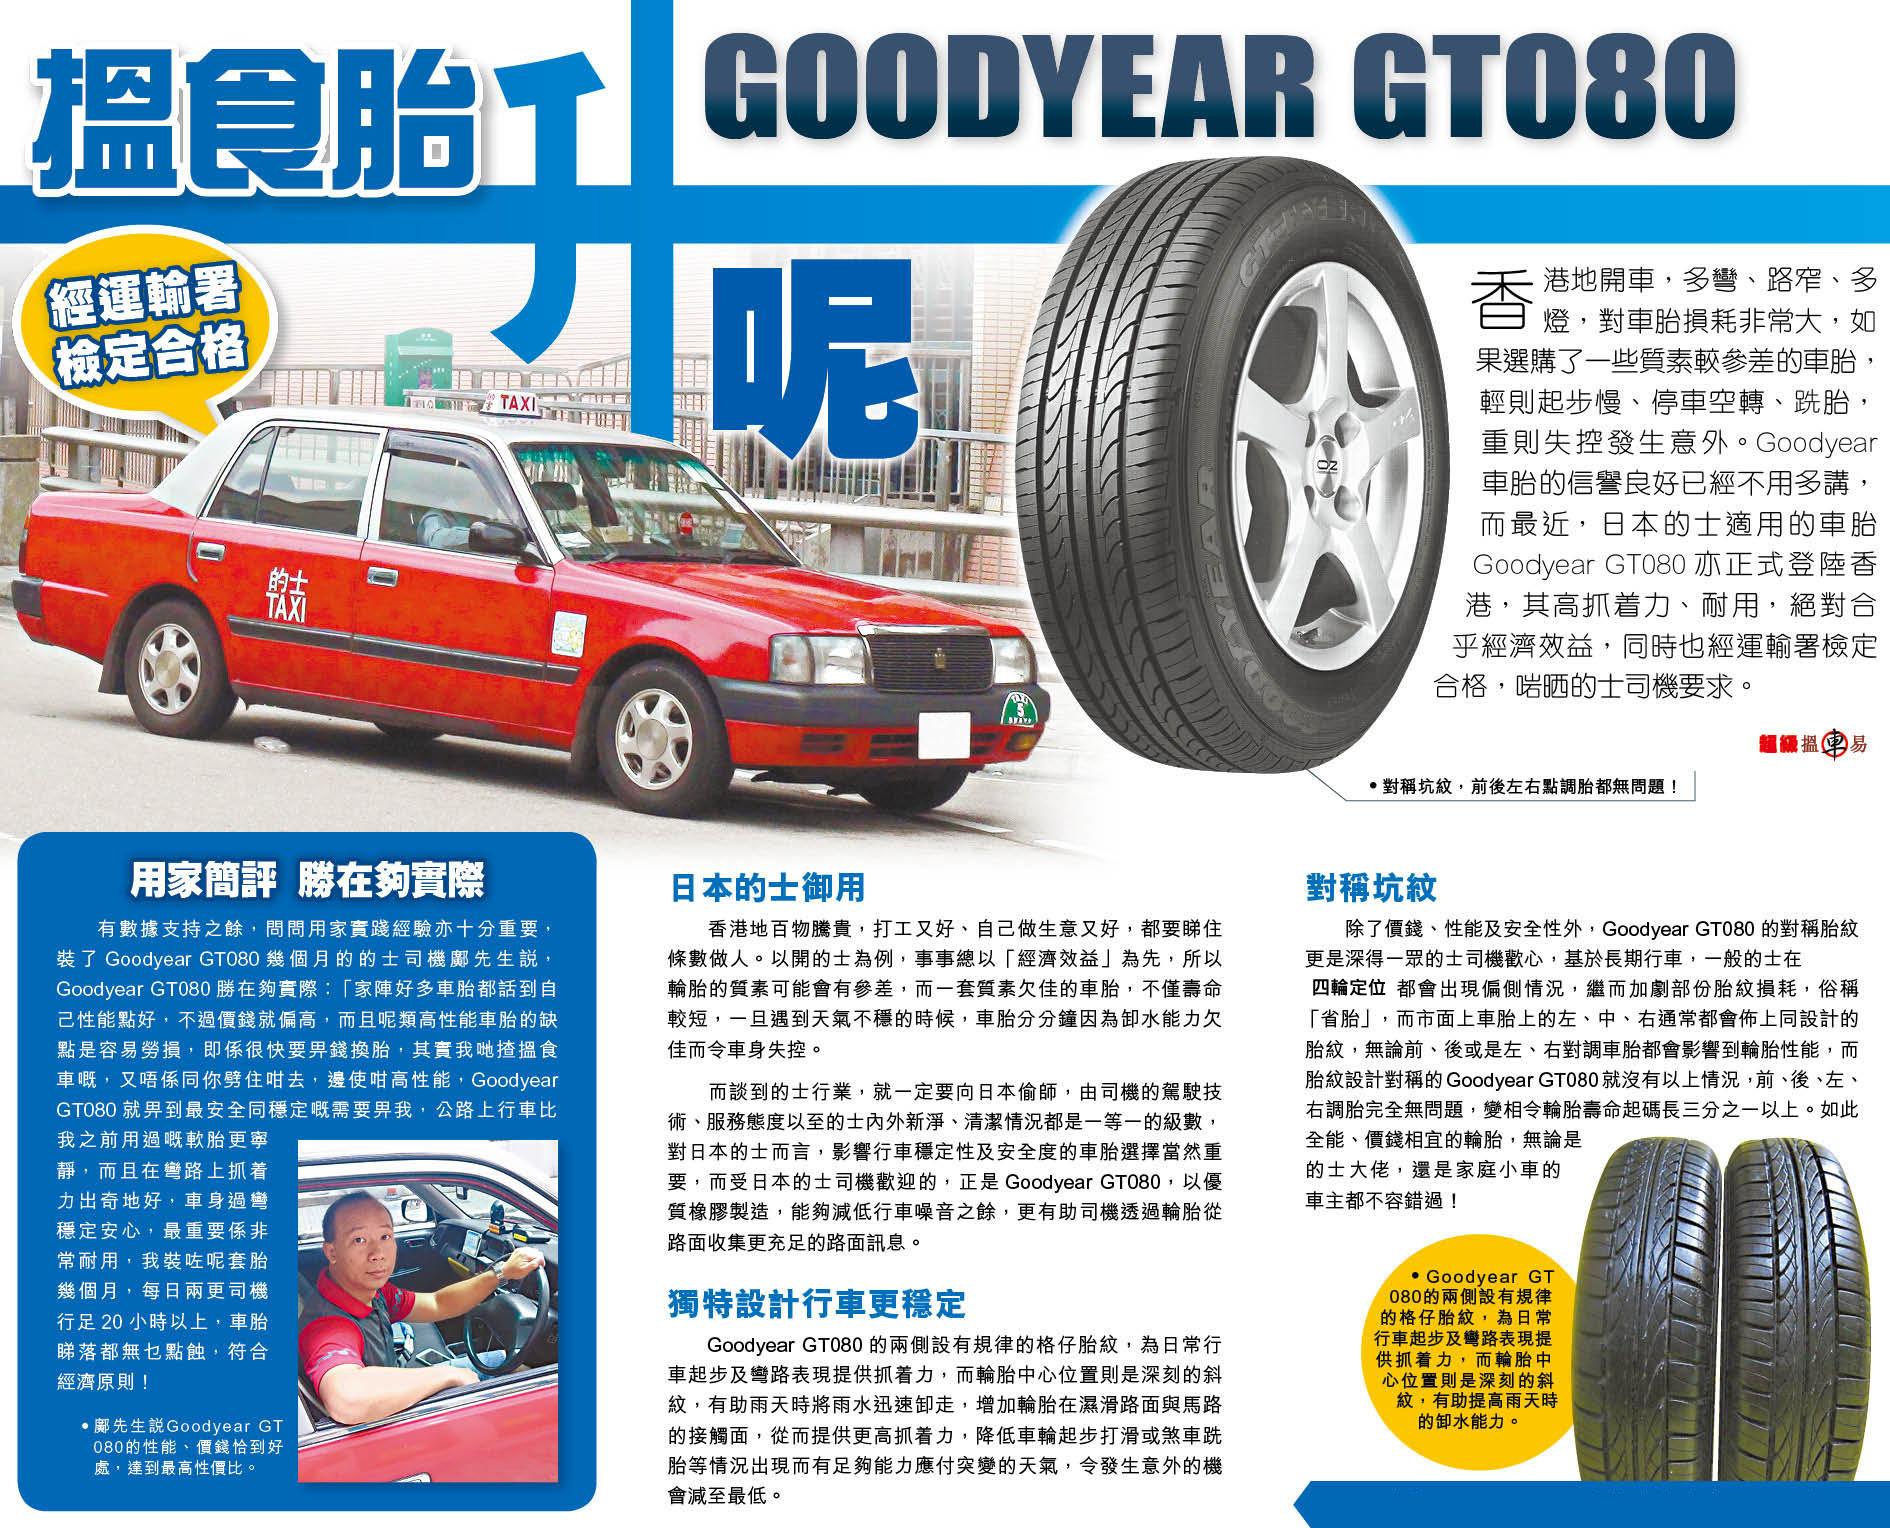 蘋果日報 2014年06月13日 - 揾食胎升呢GOODYEAR GT80